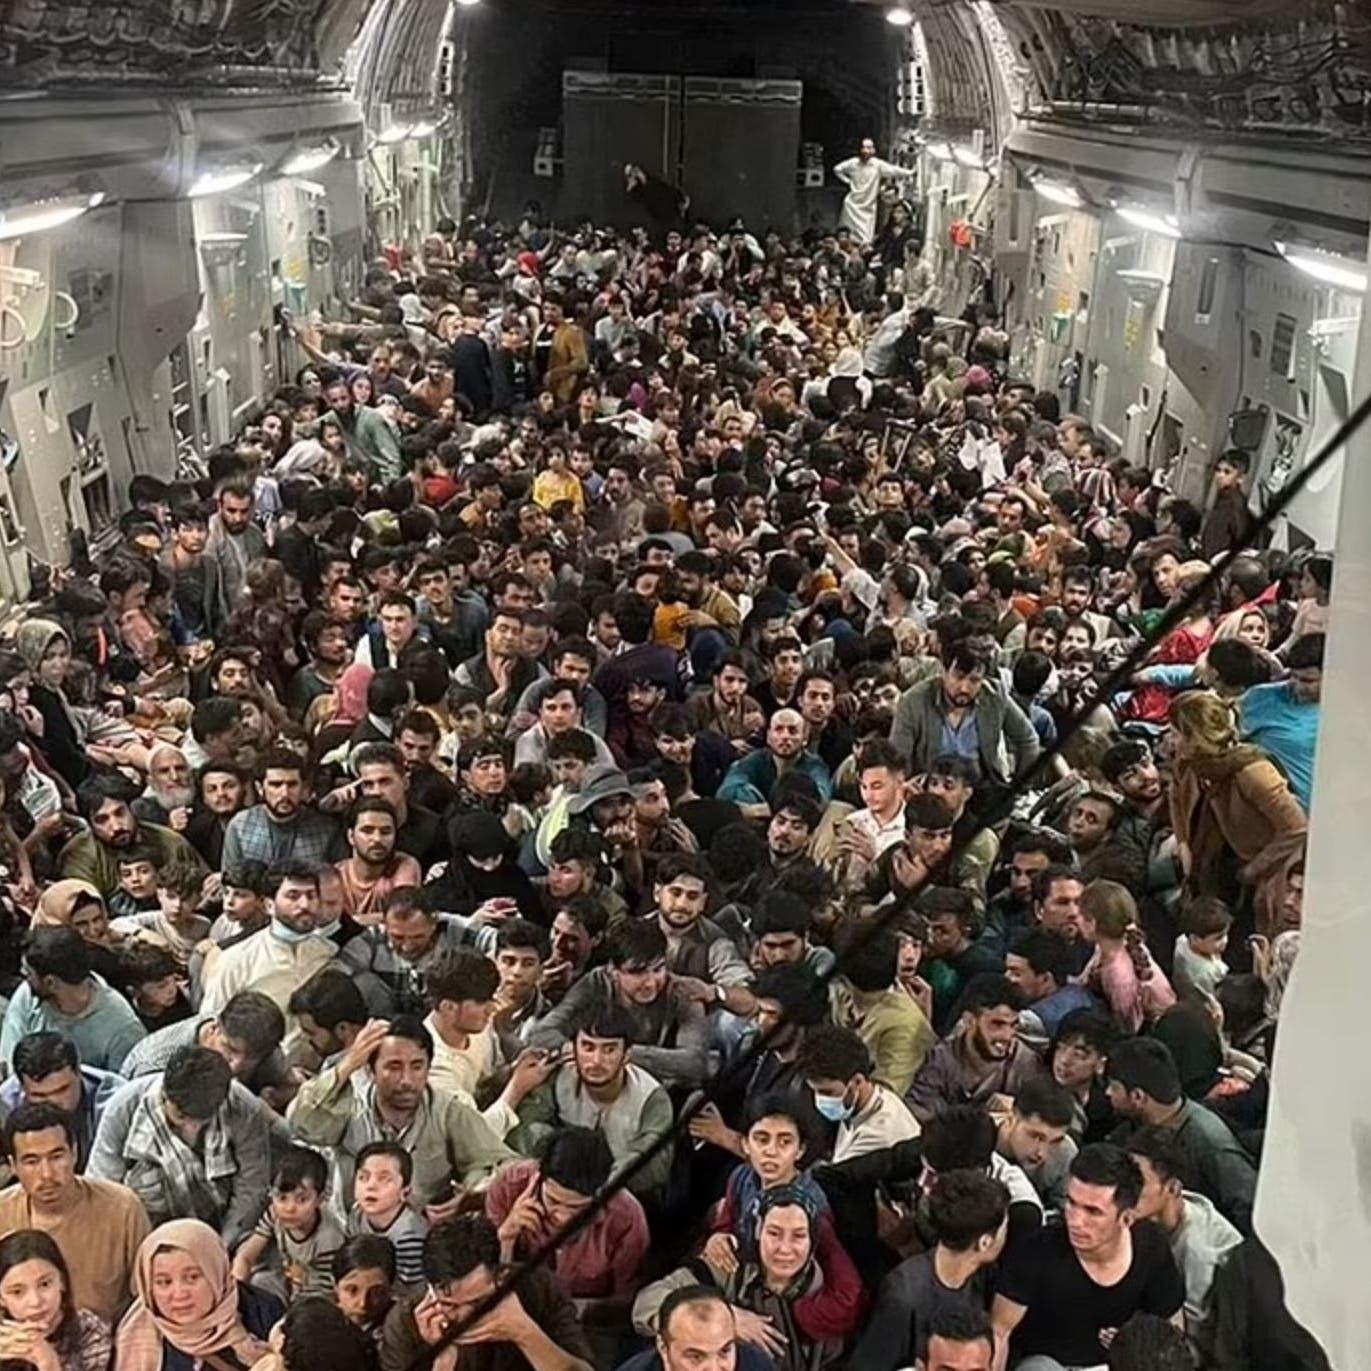 صورة لا تصدق.. مئات الأفغان يقلعون بطائرة لربع العدد